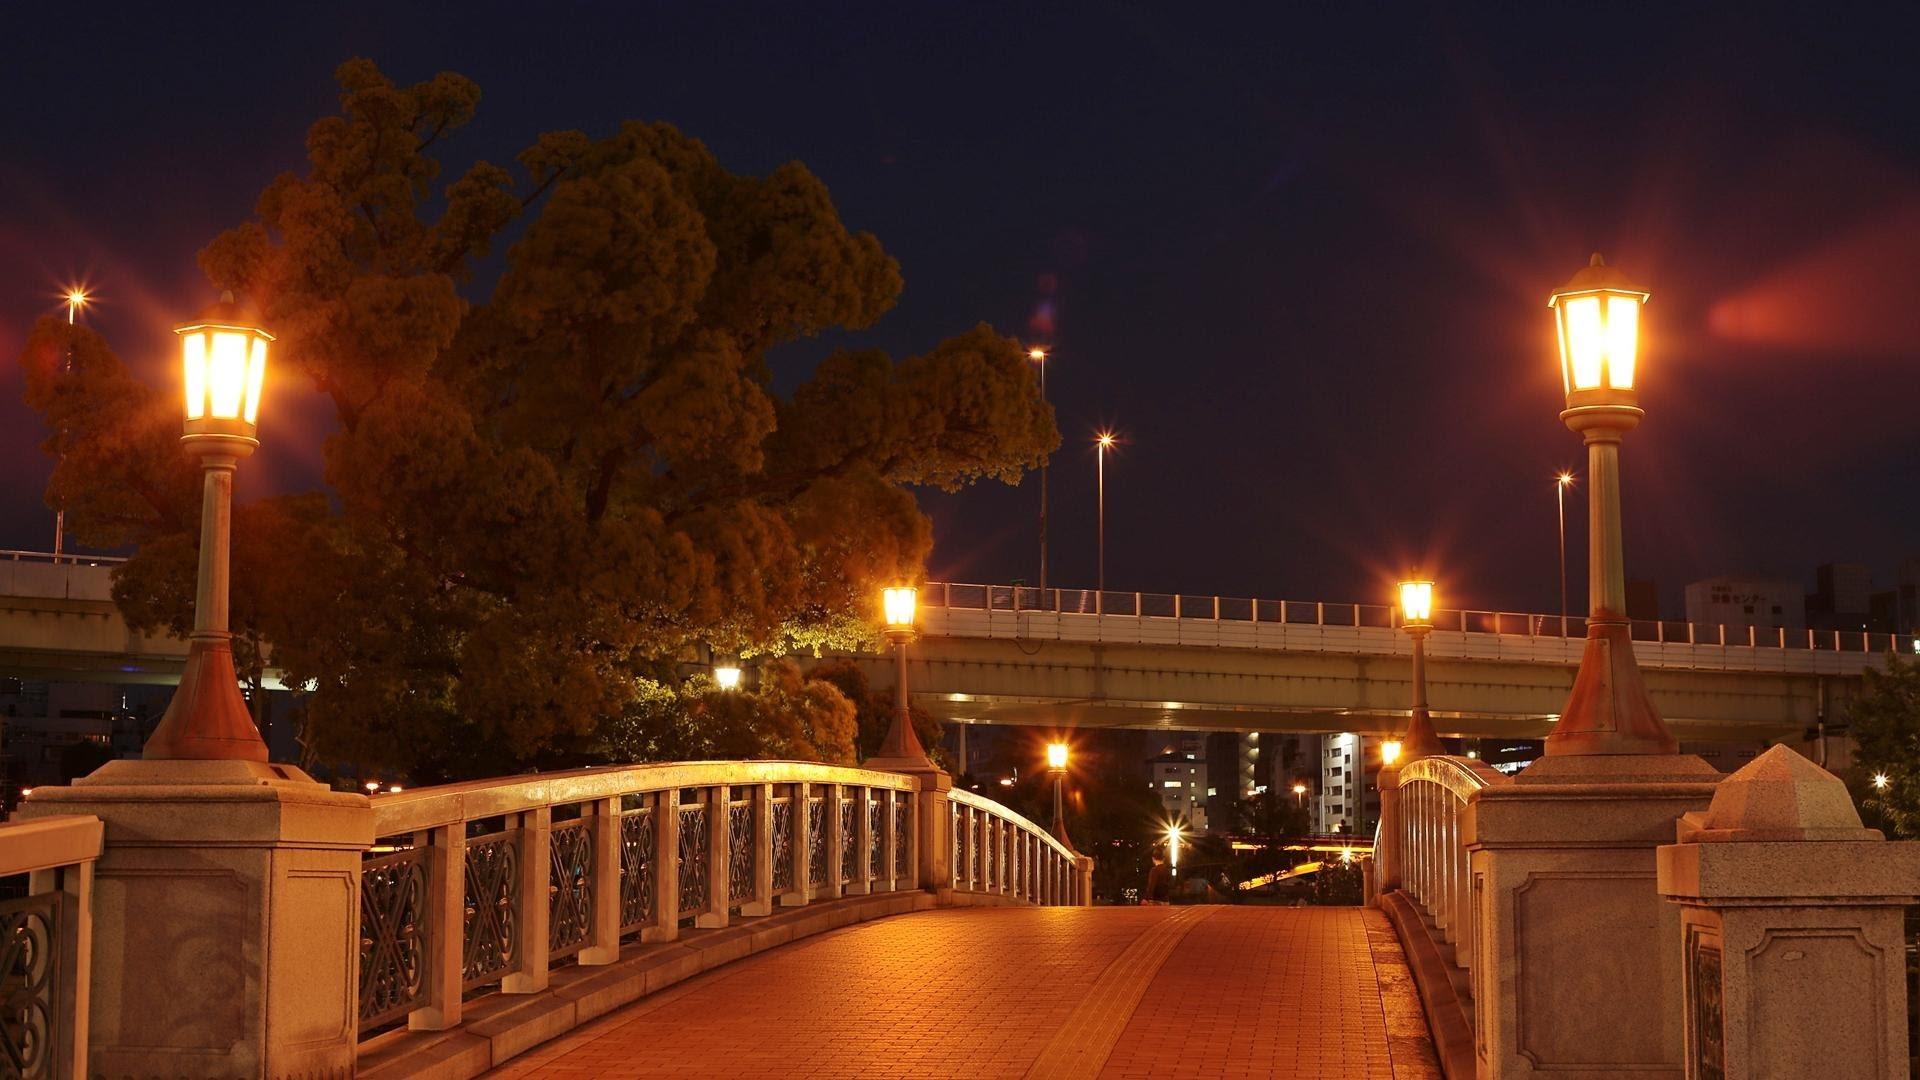 Gambar Cahaya Jembatan Pemandangan Kota Pusat Kota Senja